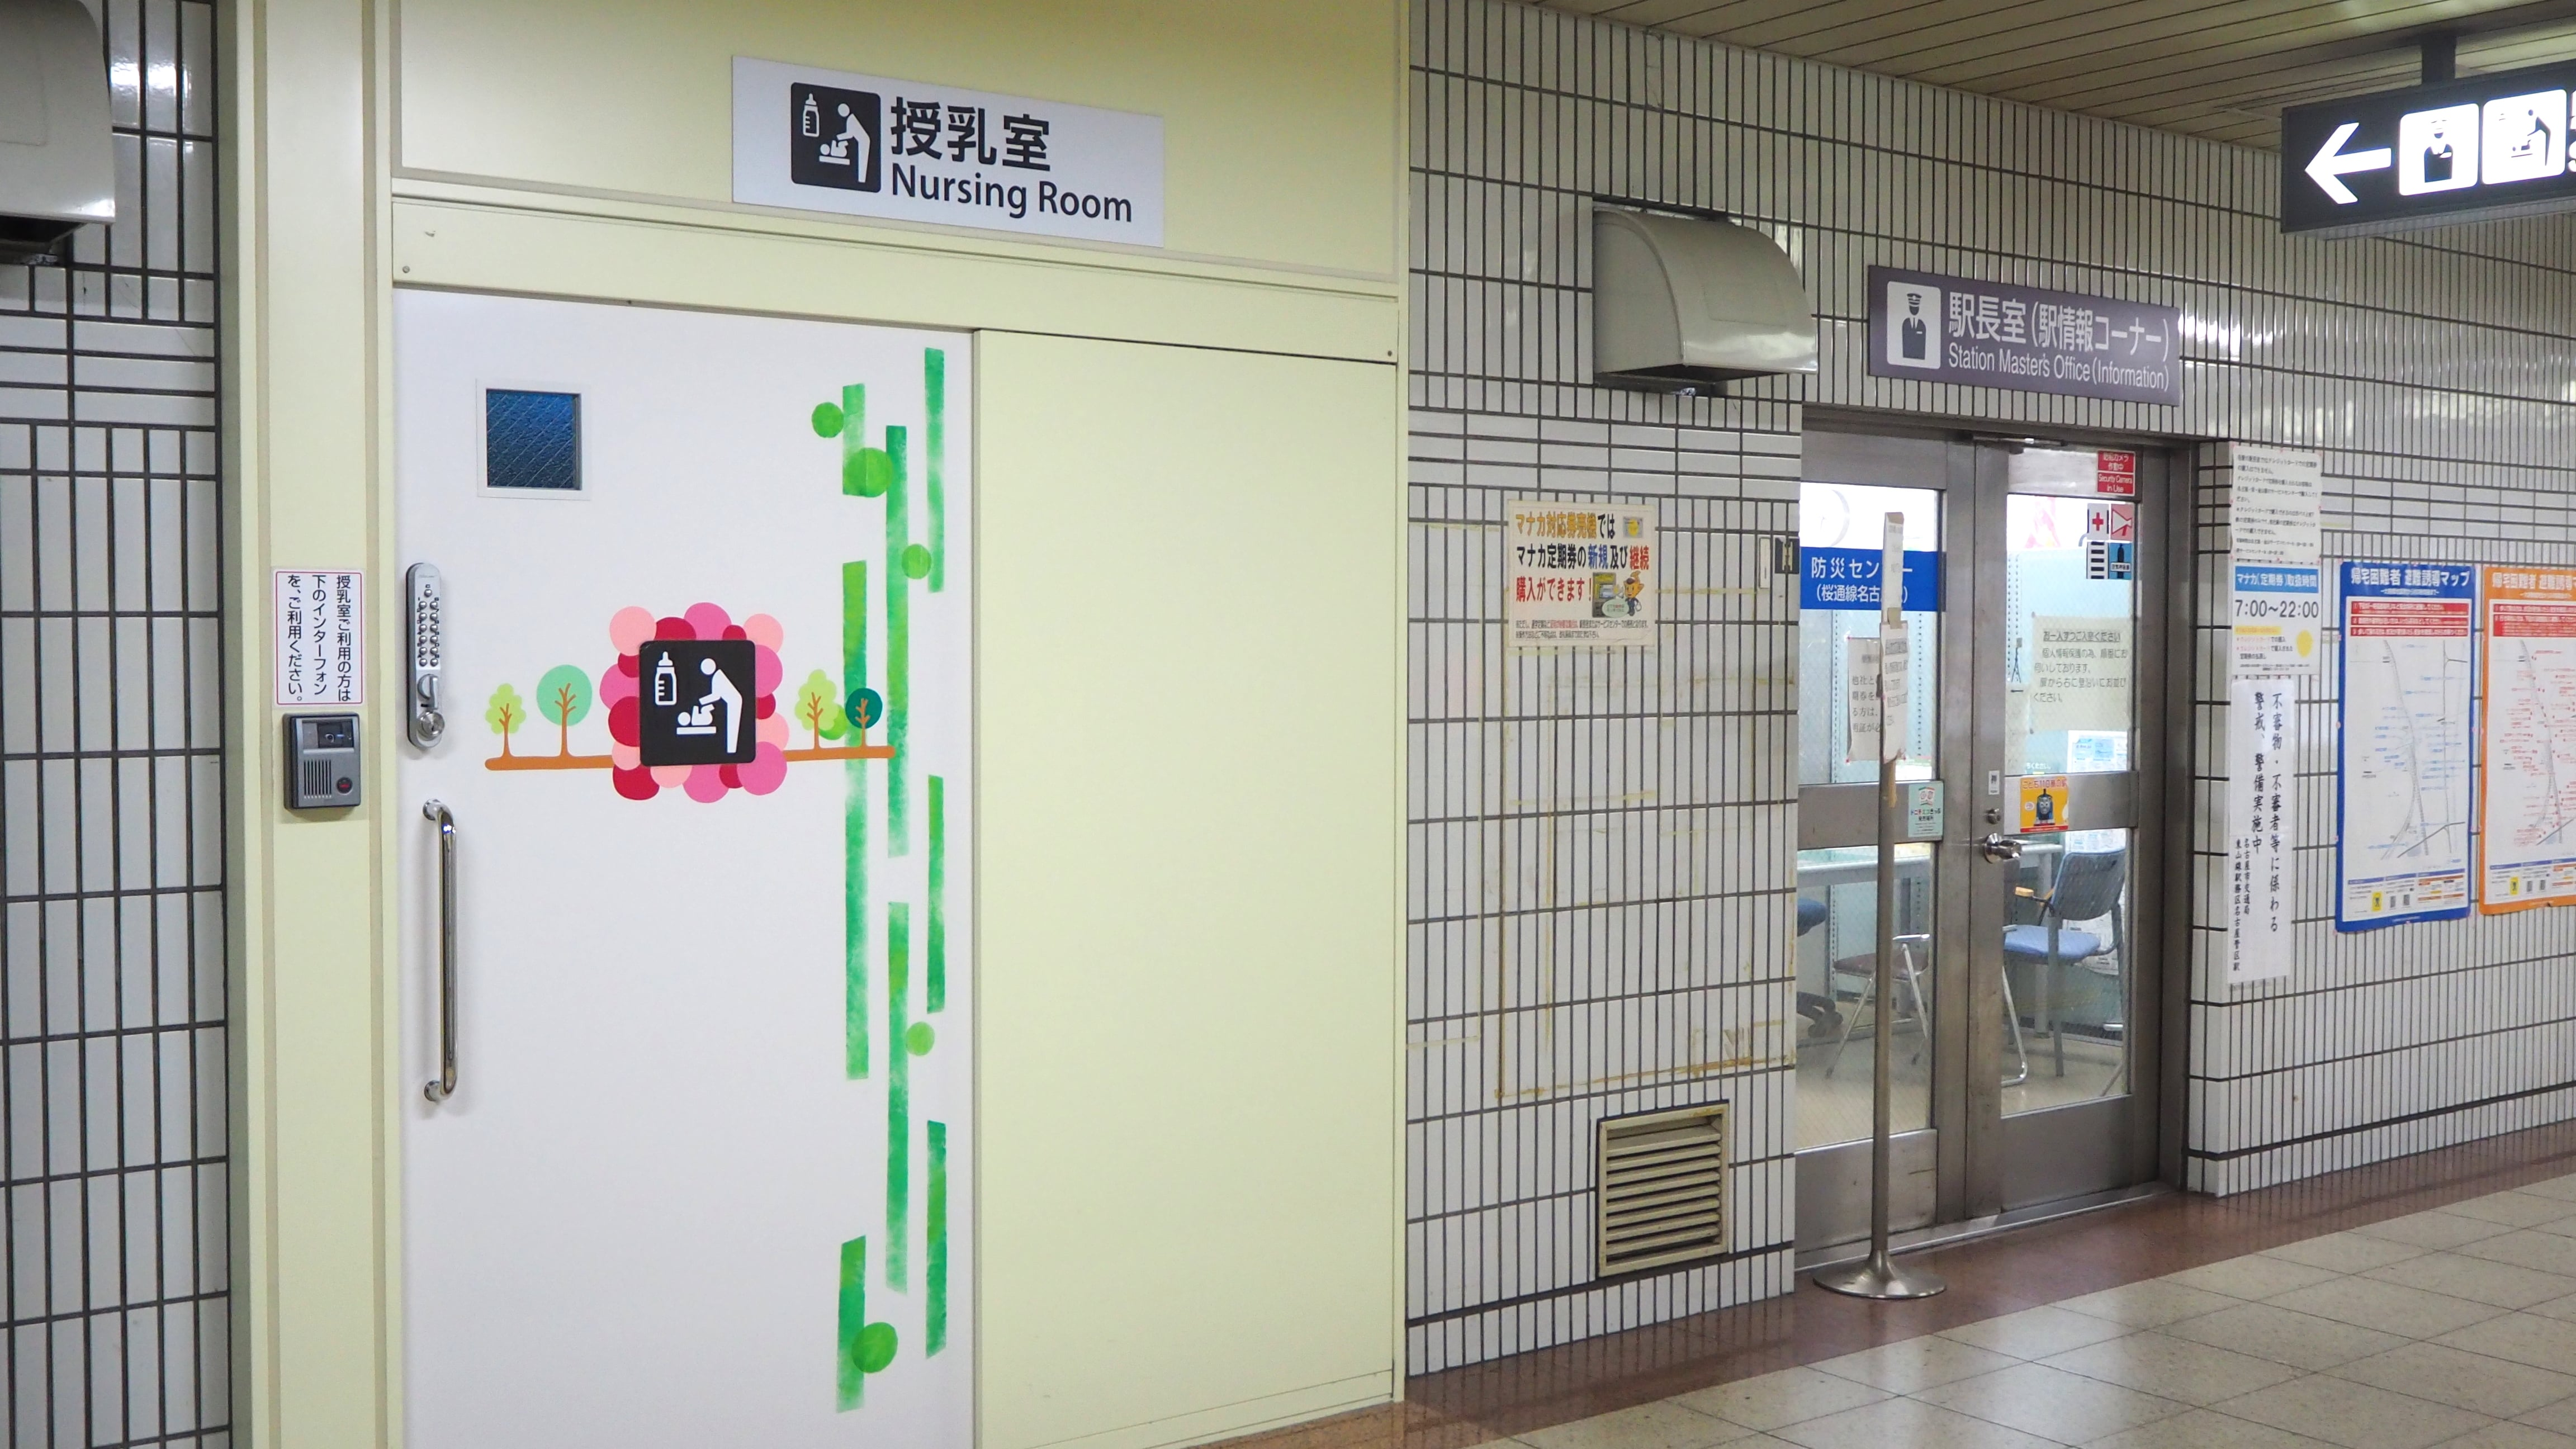 赤ちゃん連れのおでかけに!名古屋駅周辺の授乳室情報まとめ - junyu1